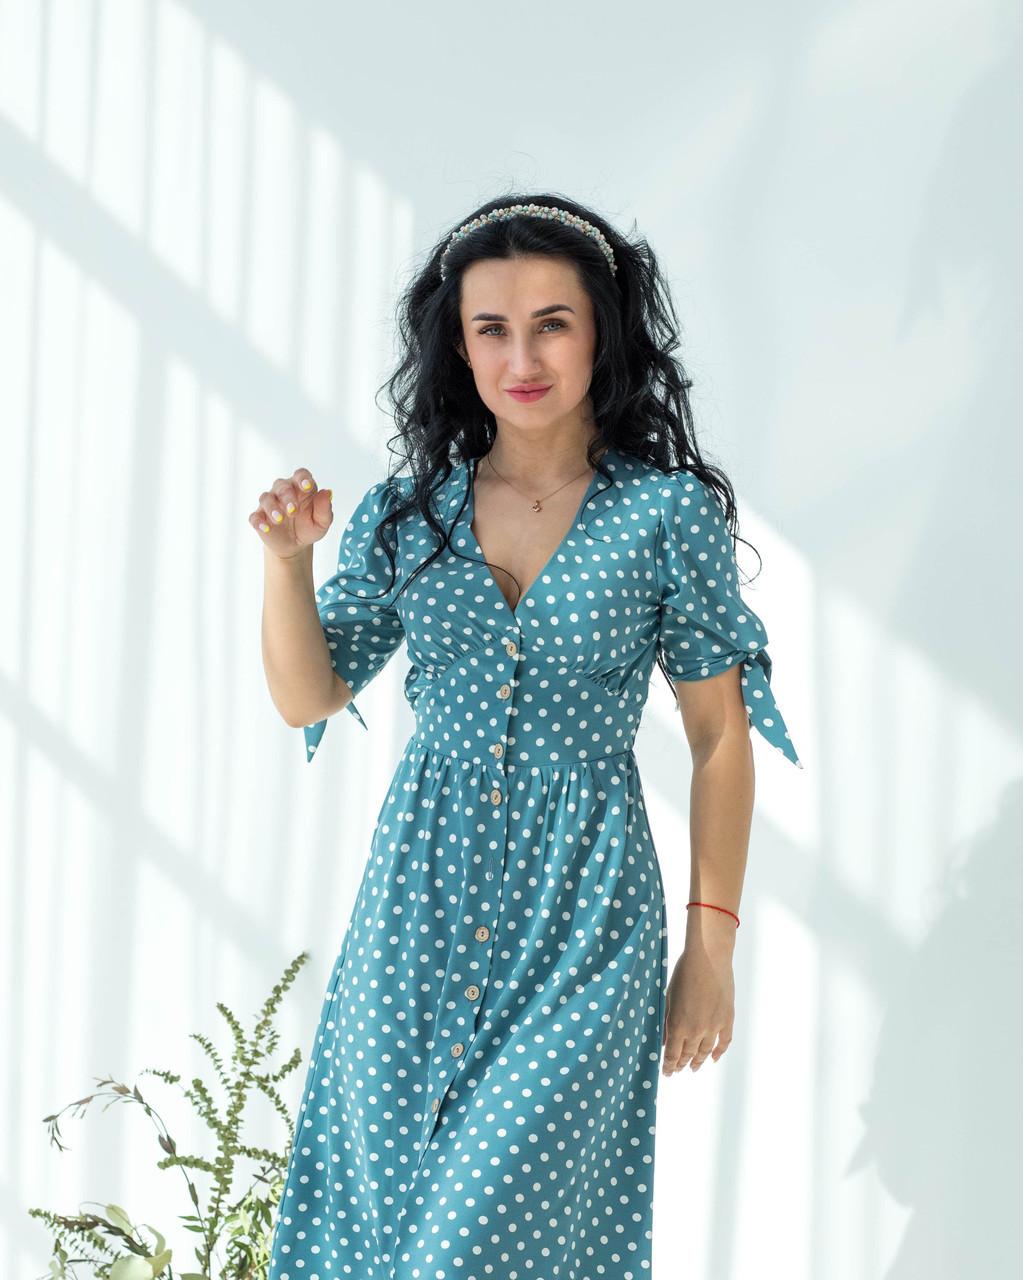 Летнее бирюзовое платье в белый горошек застегивается на пуговицы рукав с манжетной завязкой